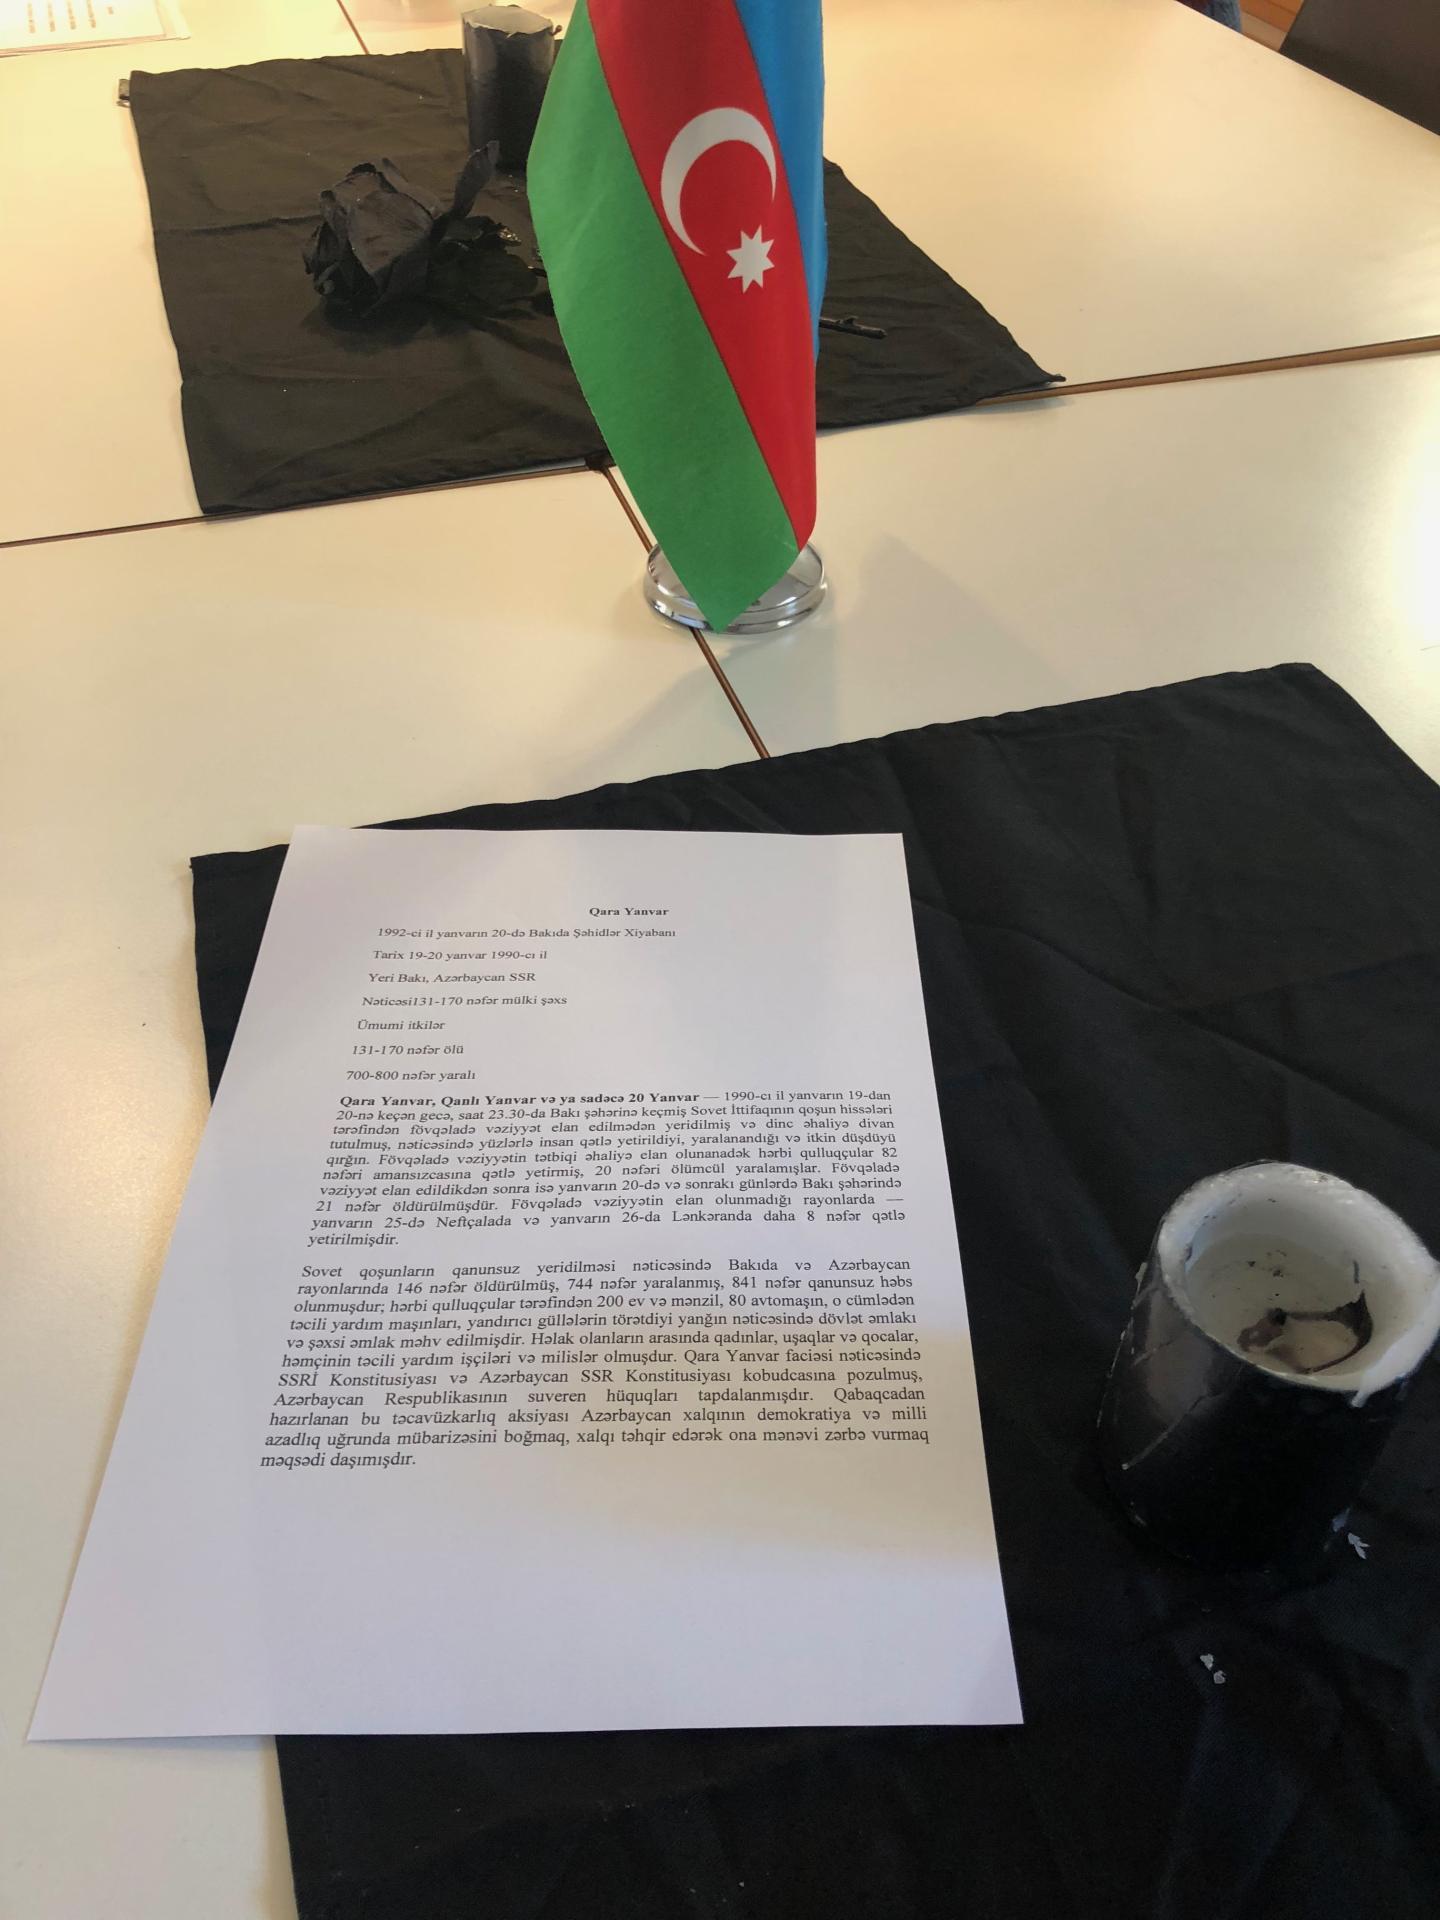 """Berndə fəaliyyət göstərən """"Qarabağ"""" Azərbaycan məktəbində 20 Yanvar faciəsinin 29-cu ildönümü yad edilib (FOTO) - Gallery Image"""